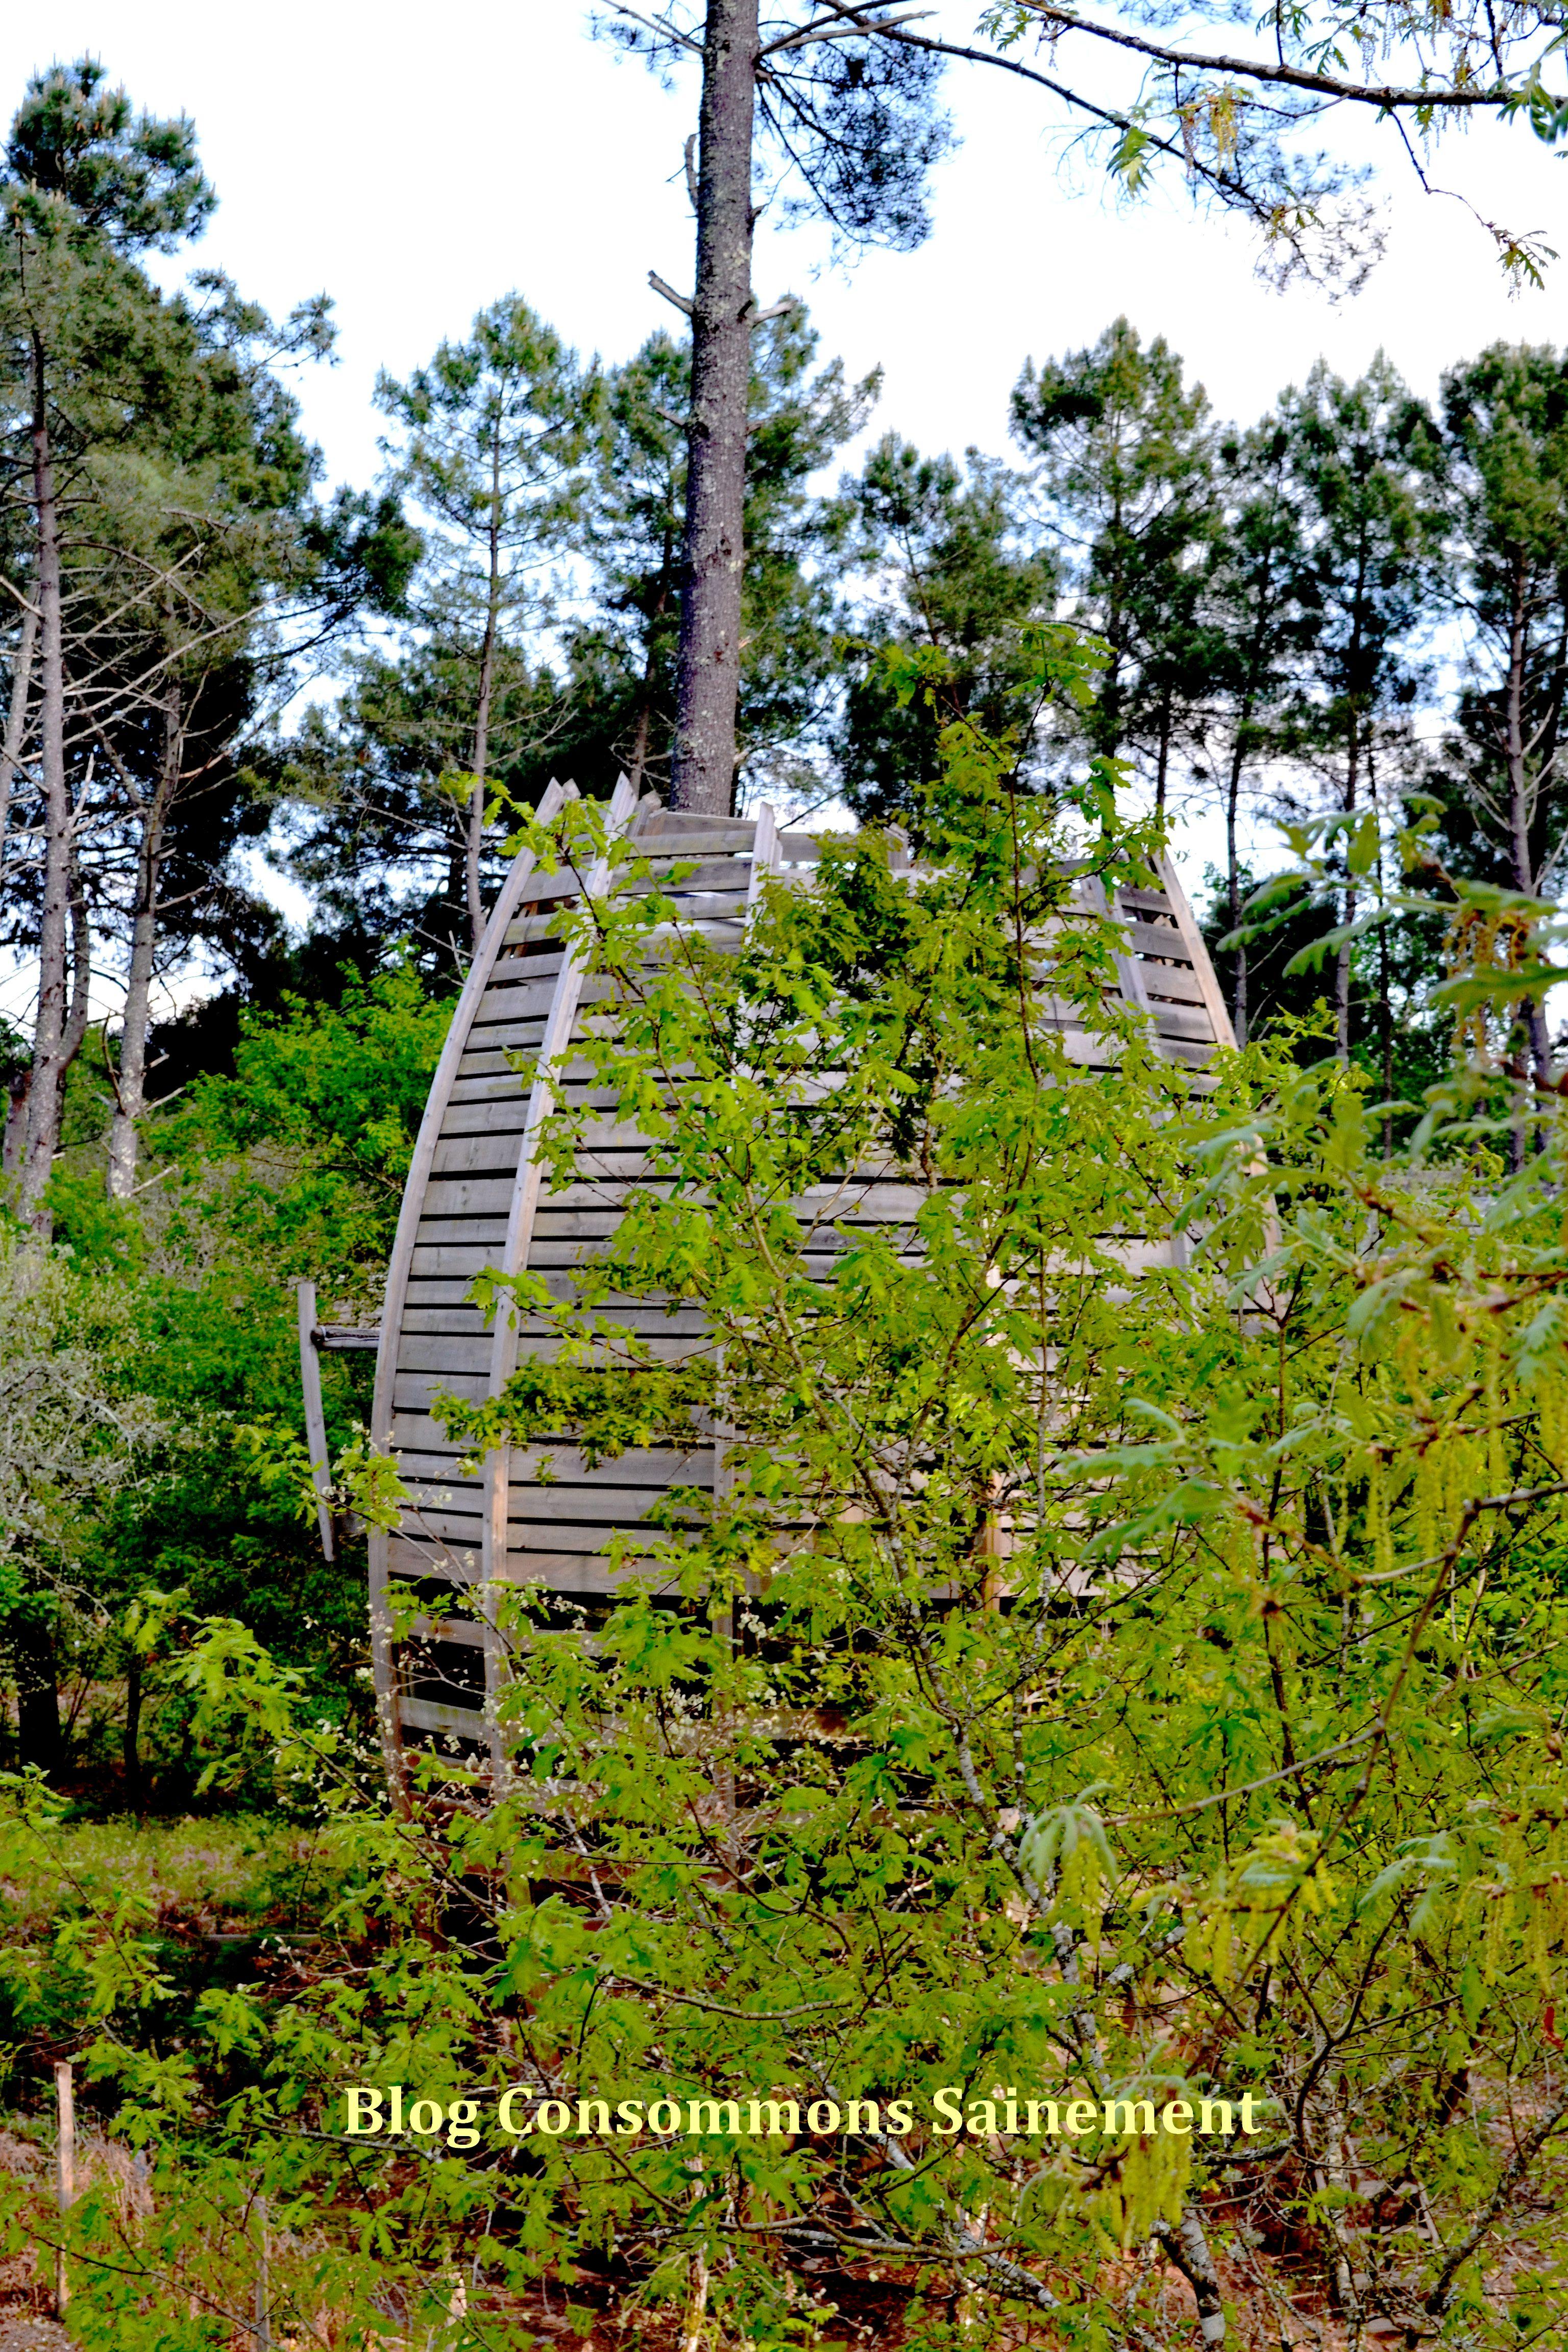 Cap cabanes le lieu id al pour des vacances vertes dans le sud ouest consommons sainement - Cabane dans les arbres avec jacuzzi sud ouest ...